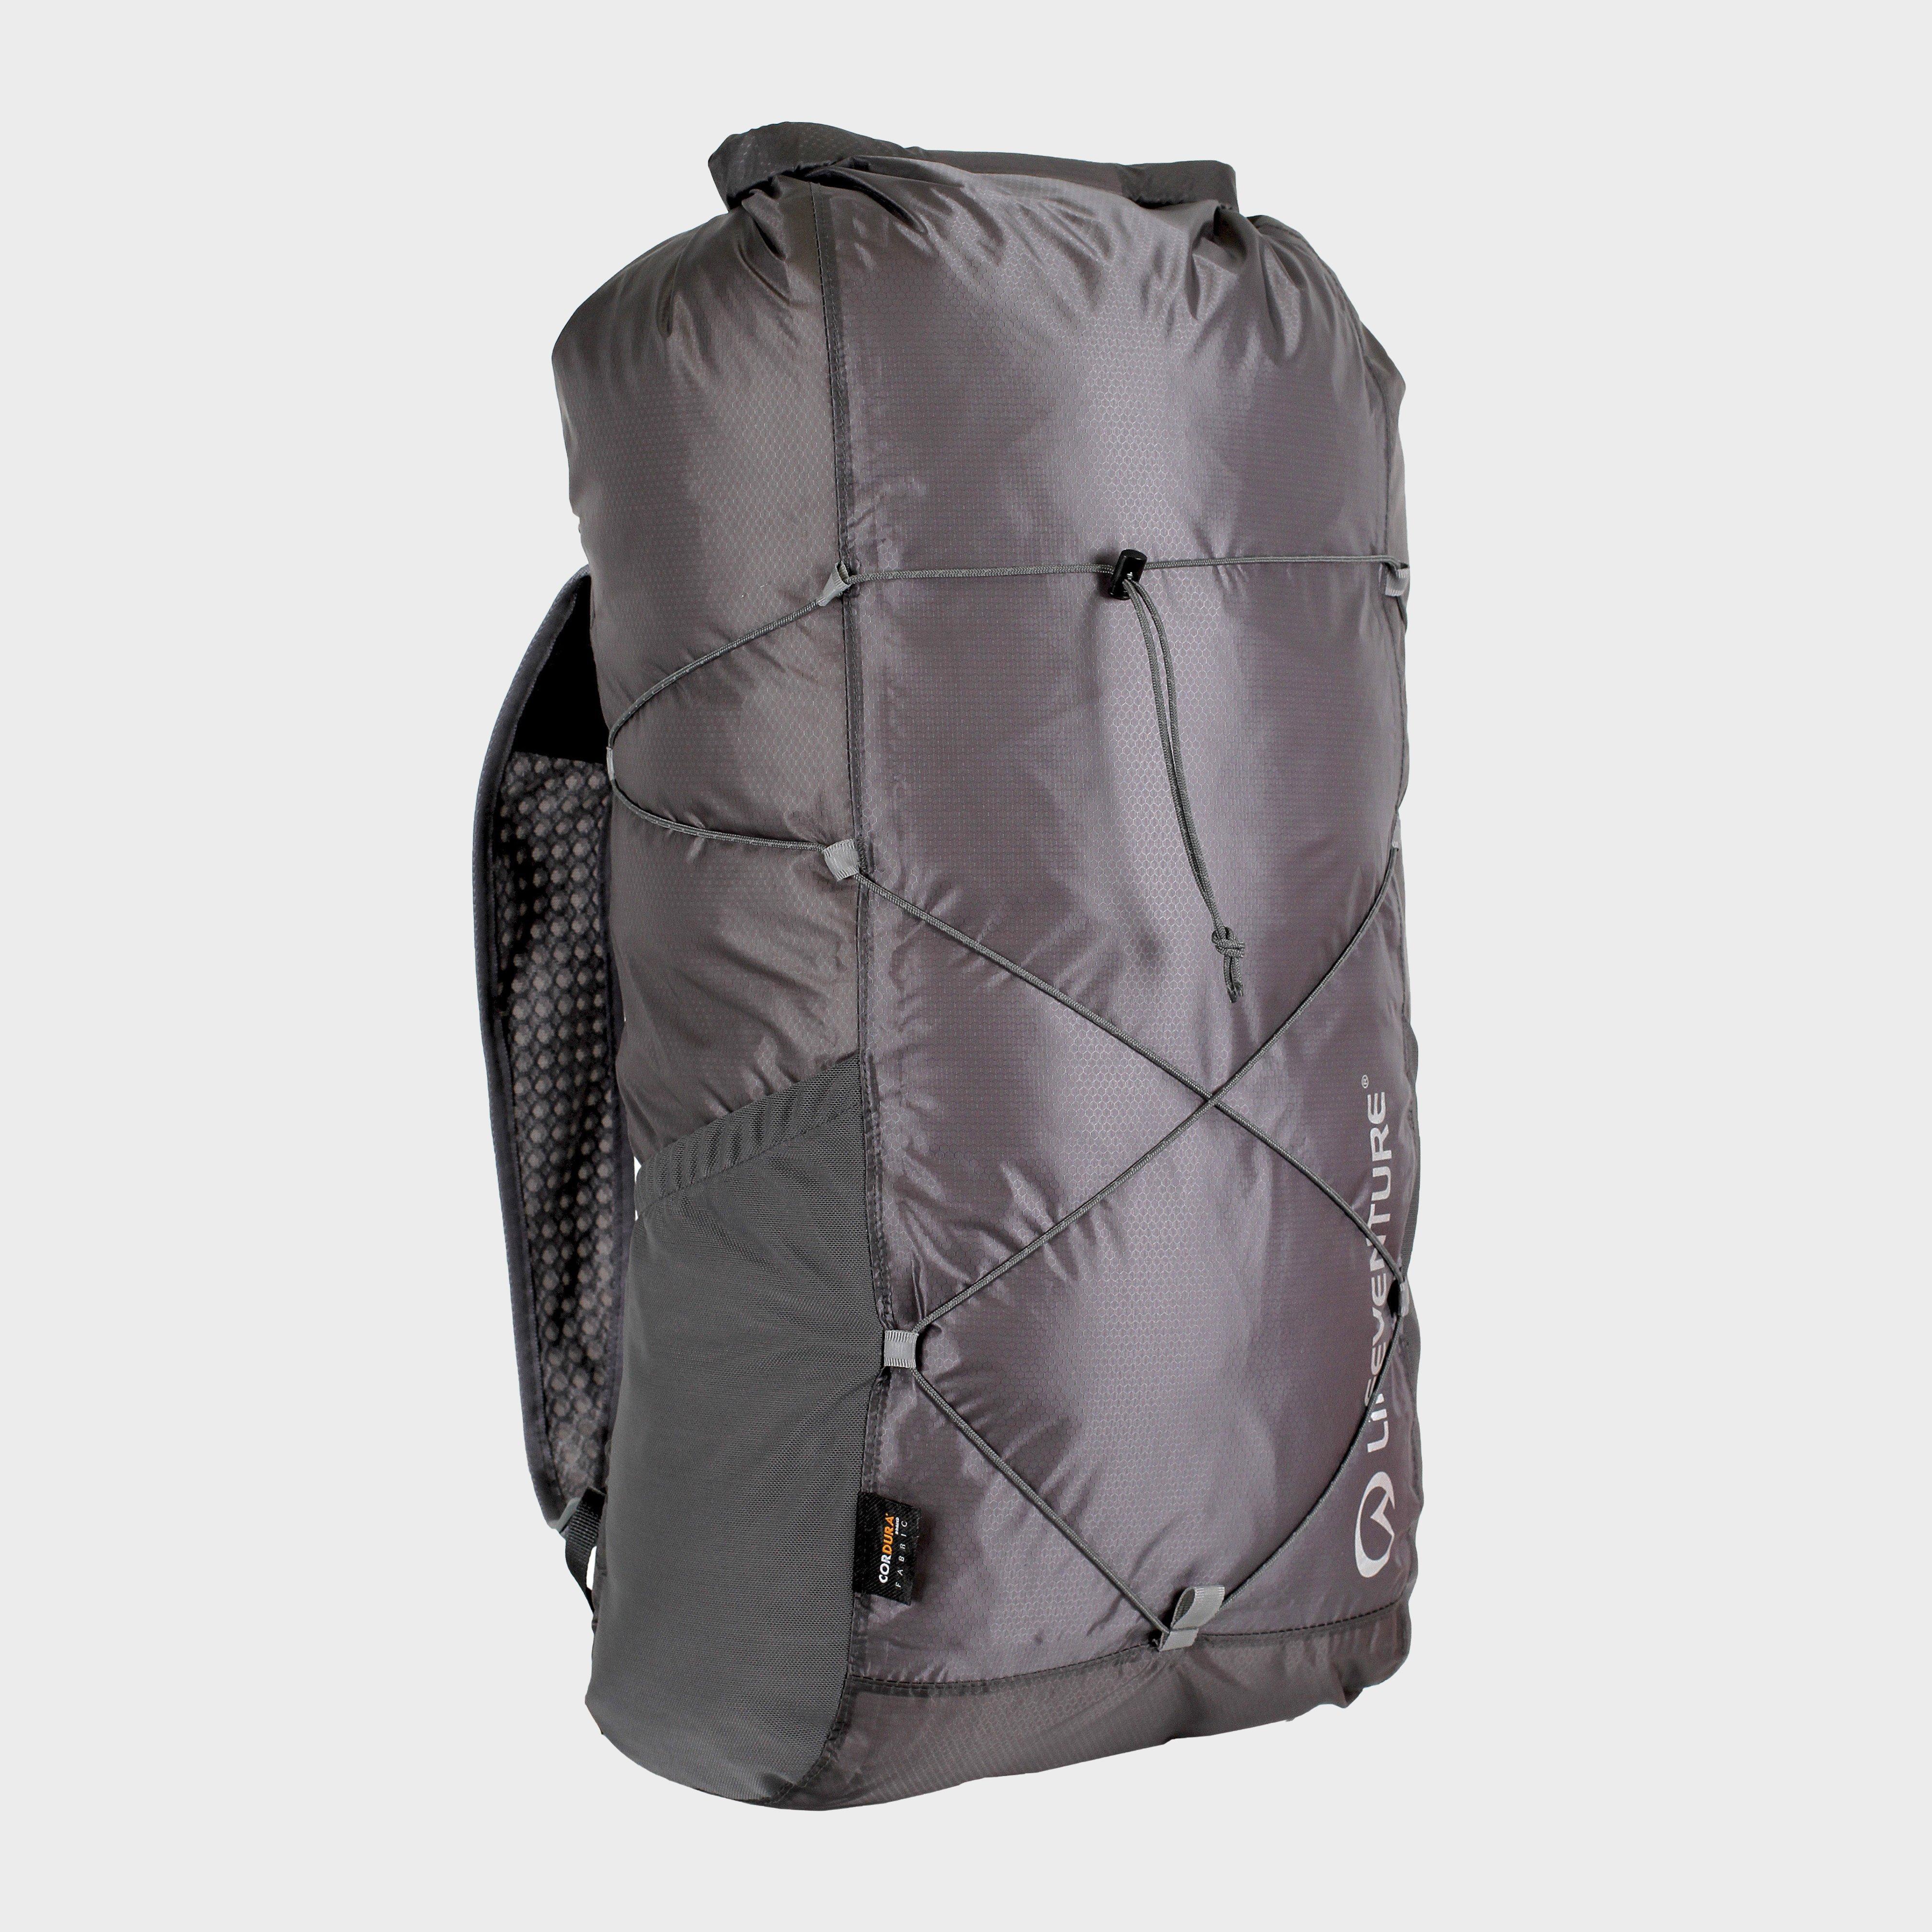 Lifeventure Lifeventure Waterproof Packable Backpack 22L - Grey, Grey